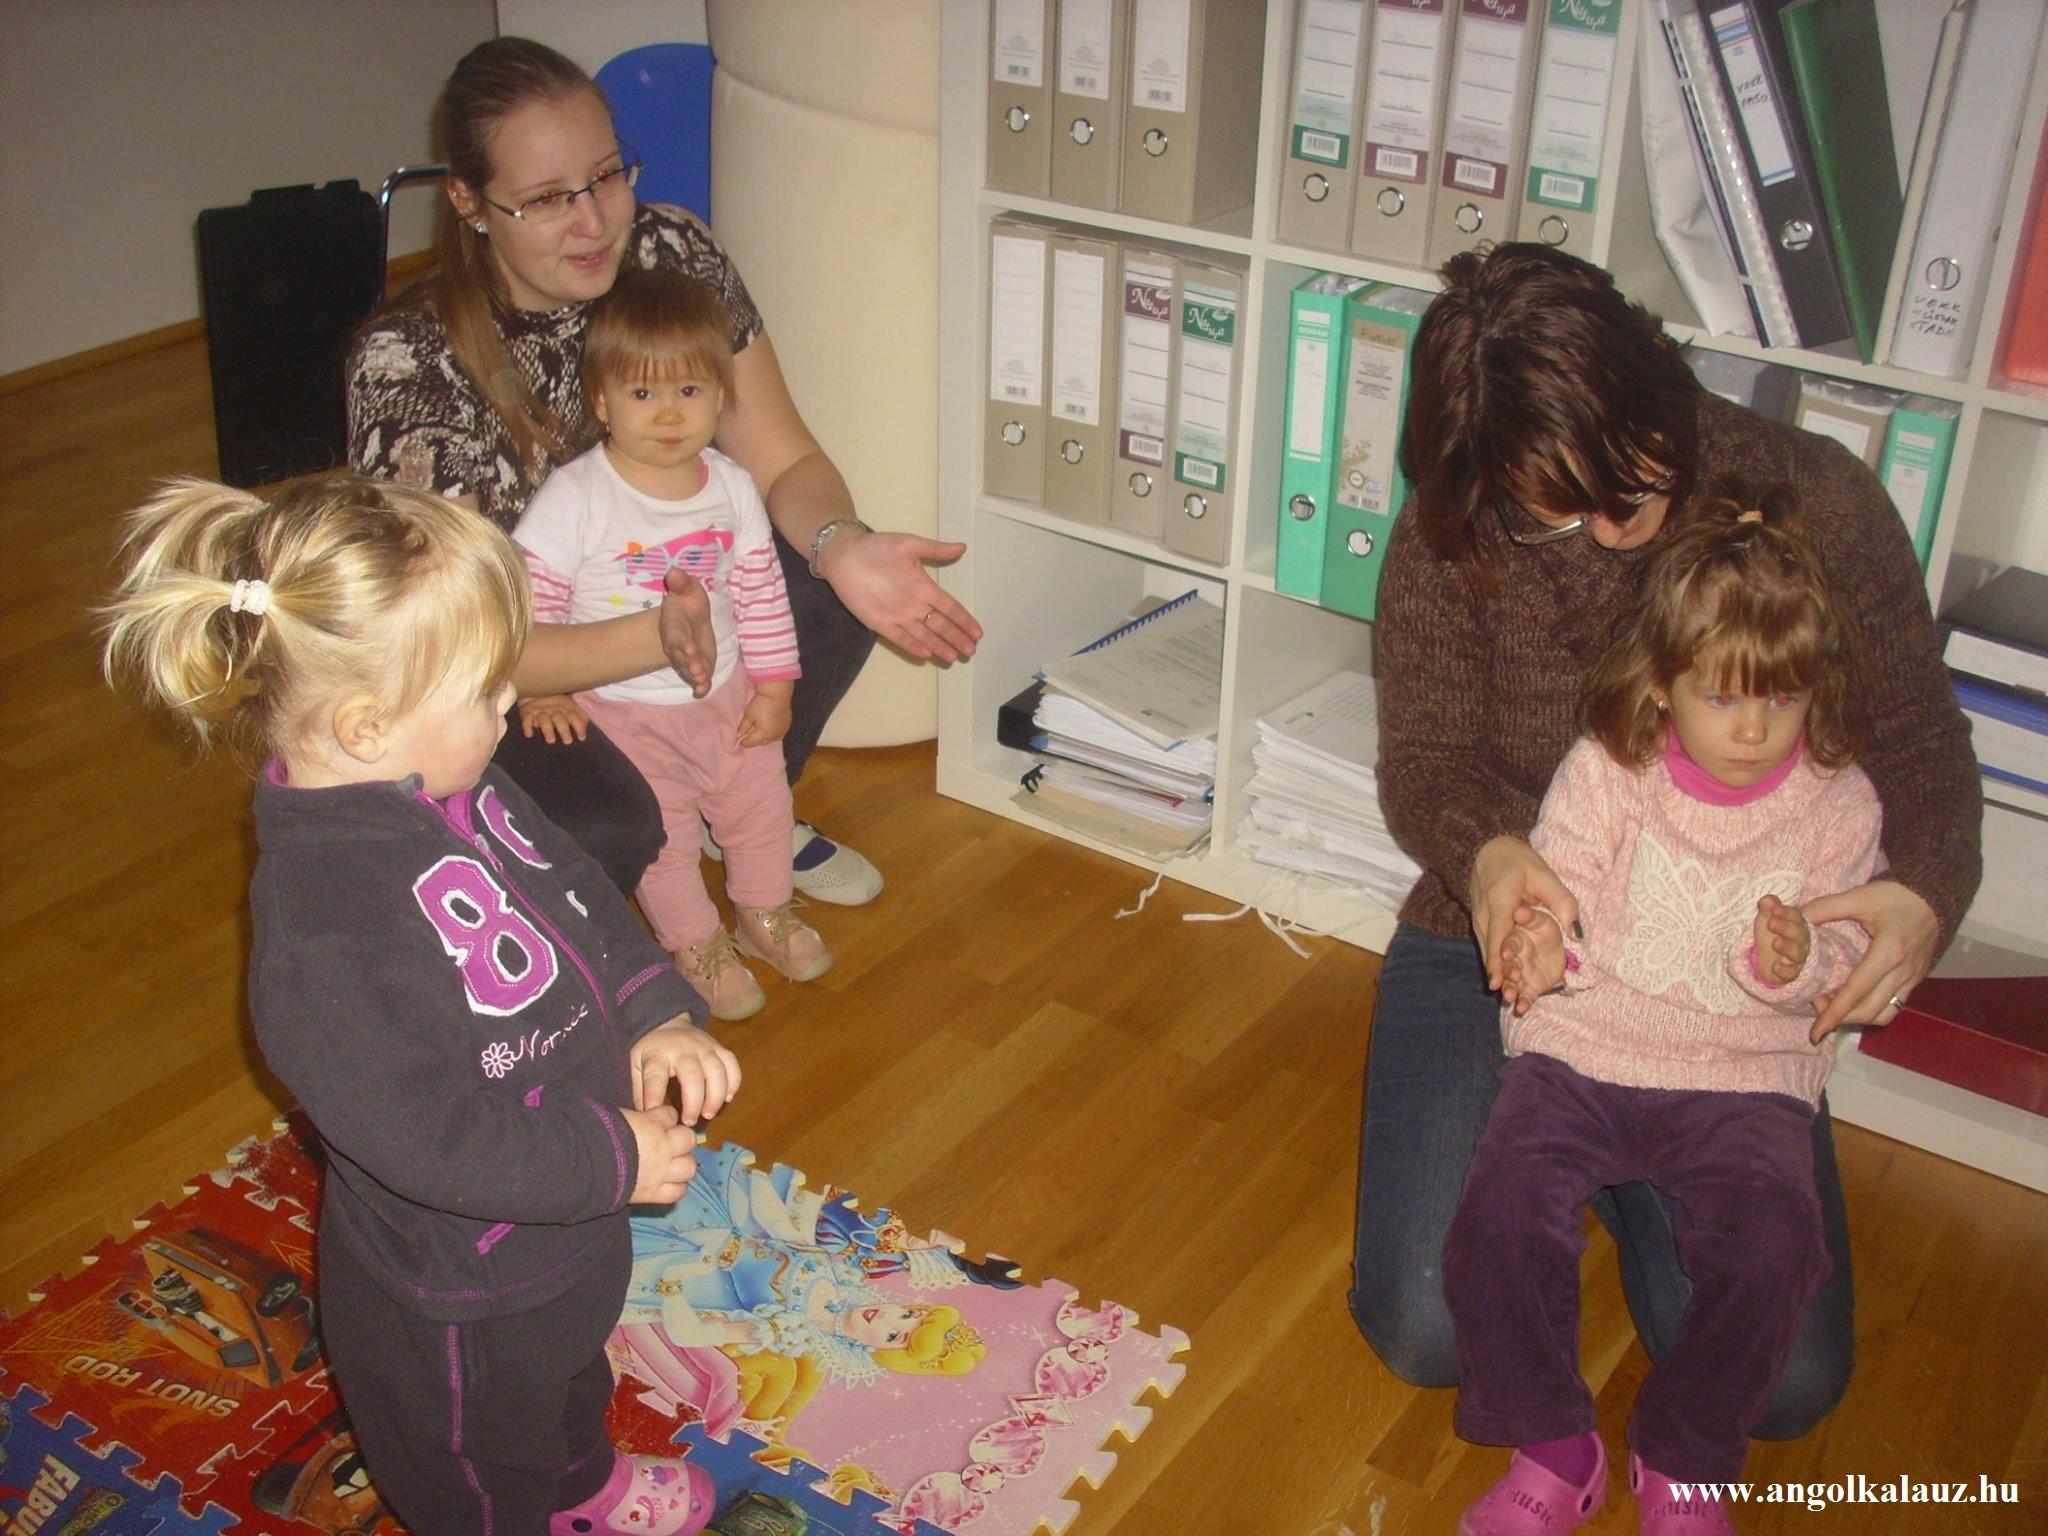 Baba angol – Hogyan tanulnak nyelvet a gyerekek?